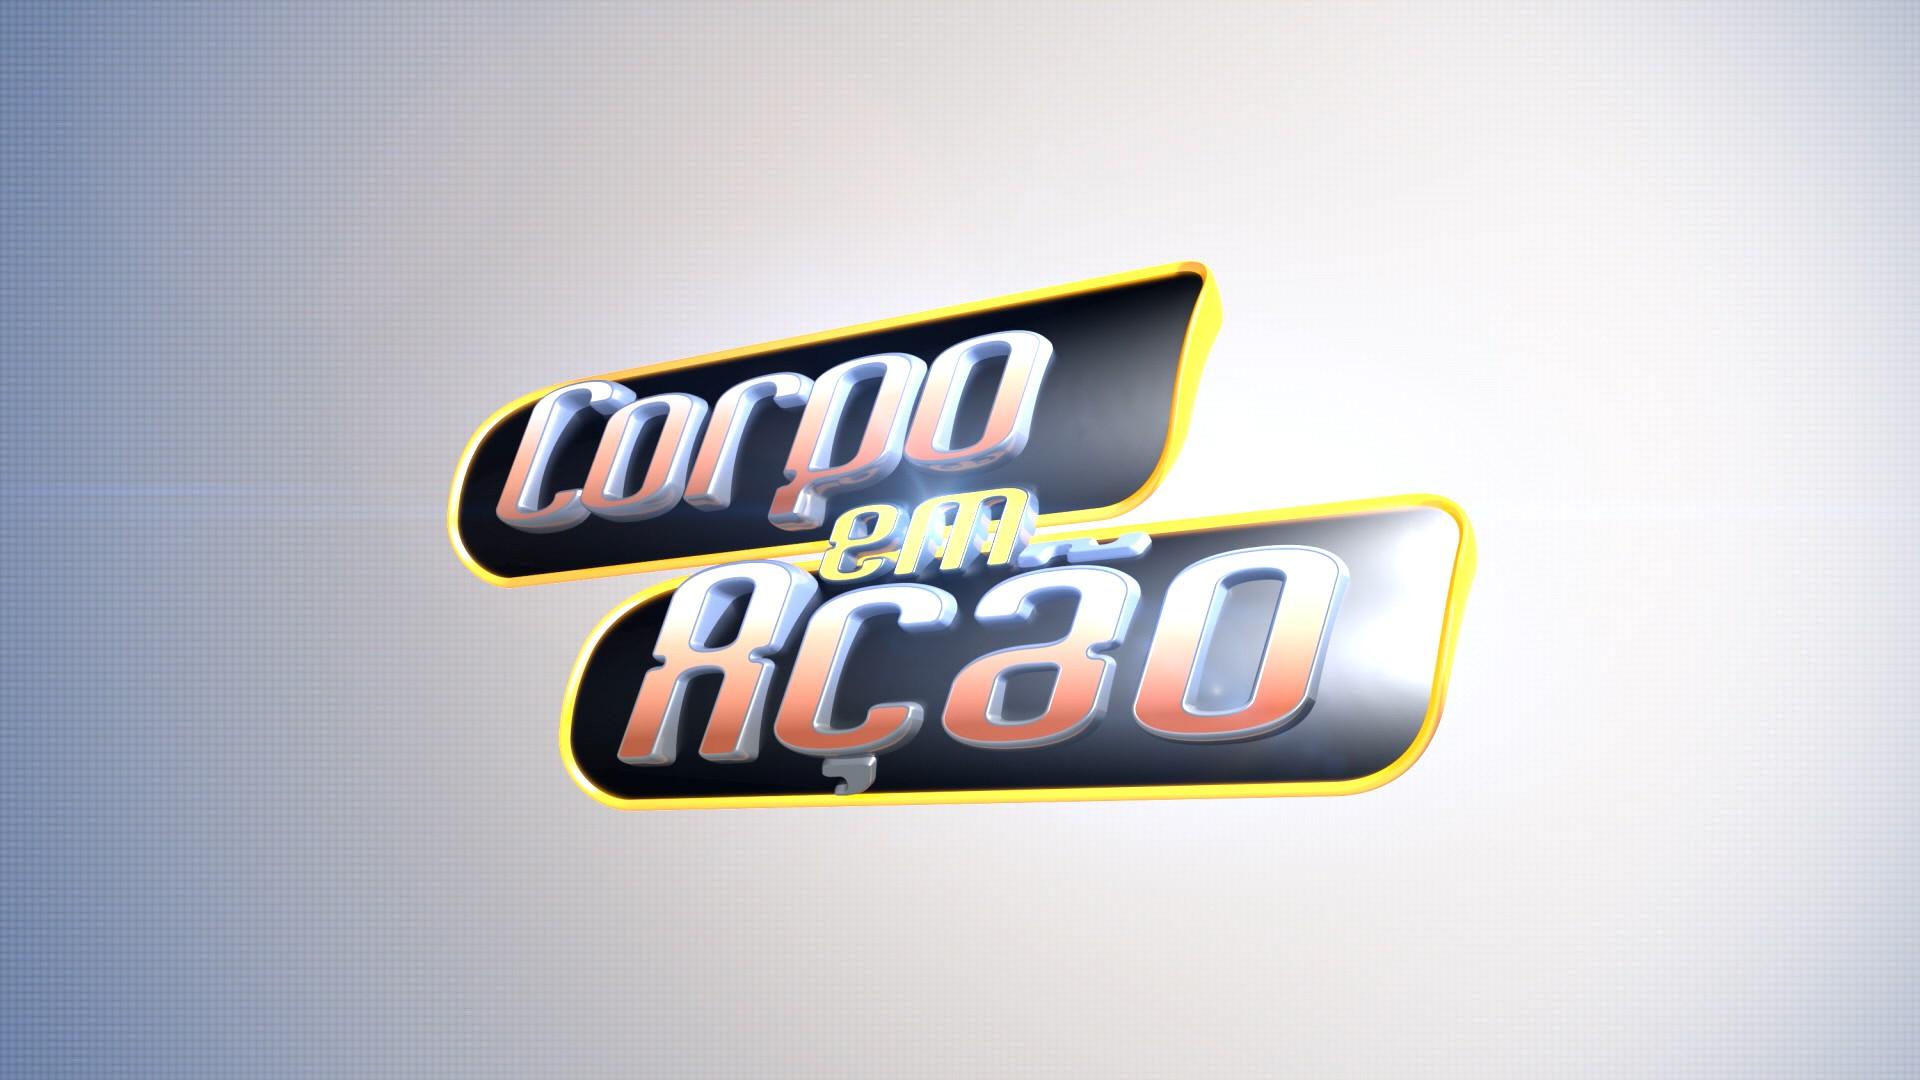 5fd81698e9 Rede Globo   tv tribuna - Confira os programas esportivos que ...